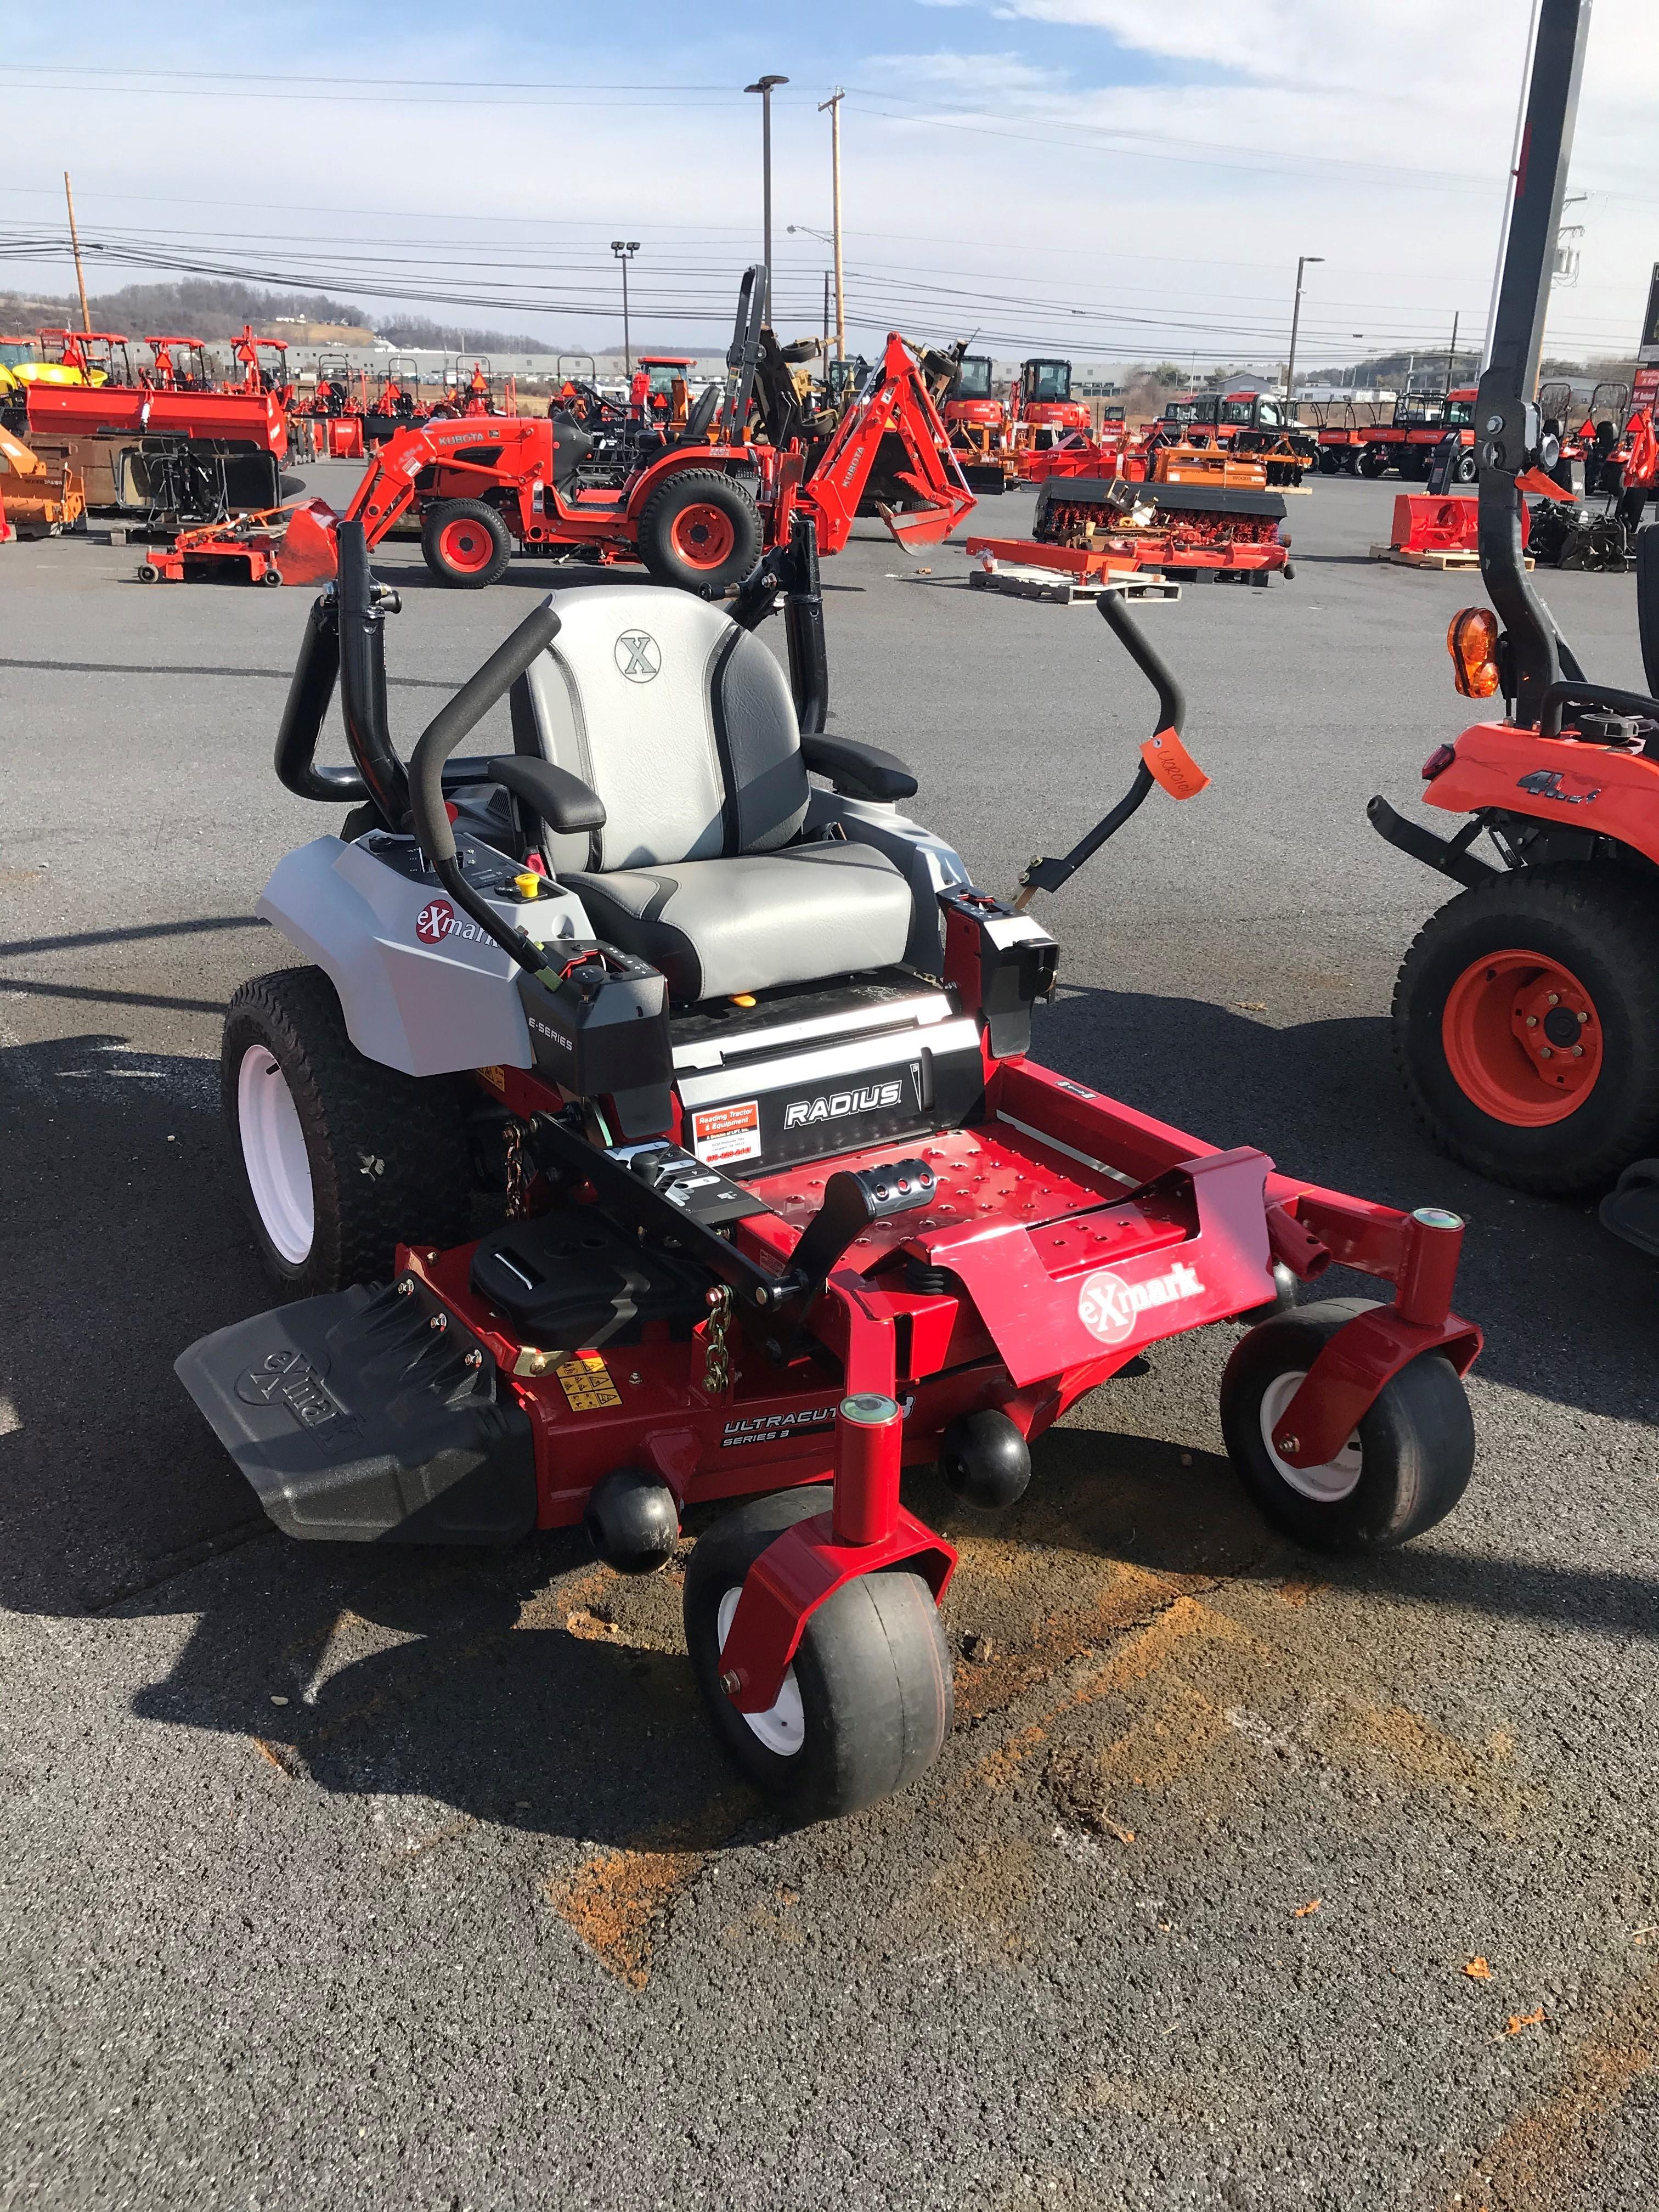 Used, 2018, Exmark, RAE708GEM48300, Lawn Mowers